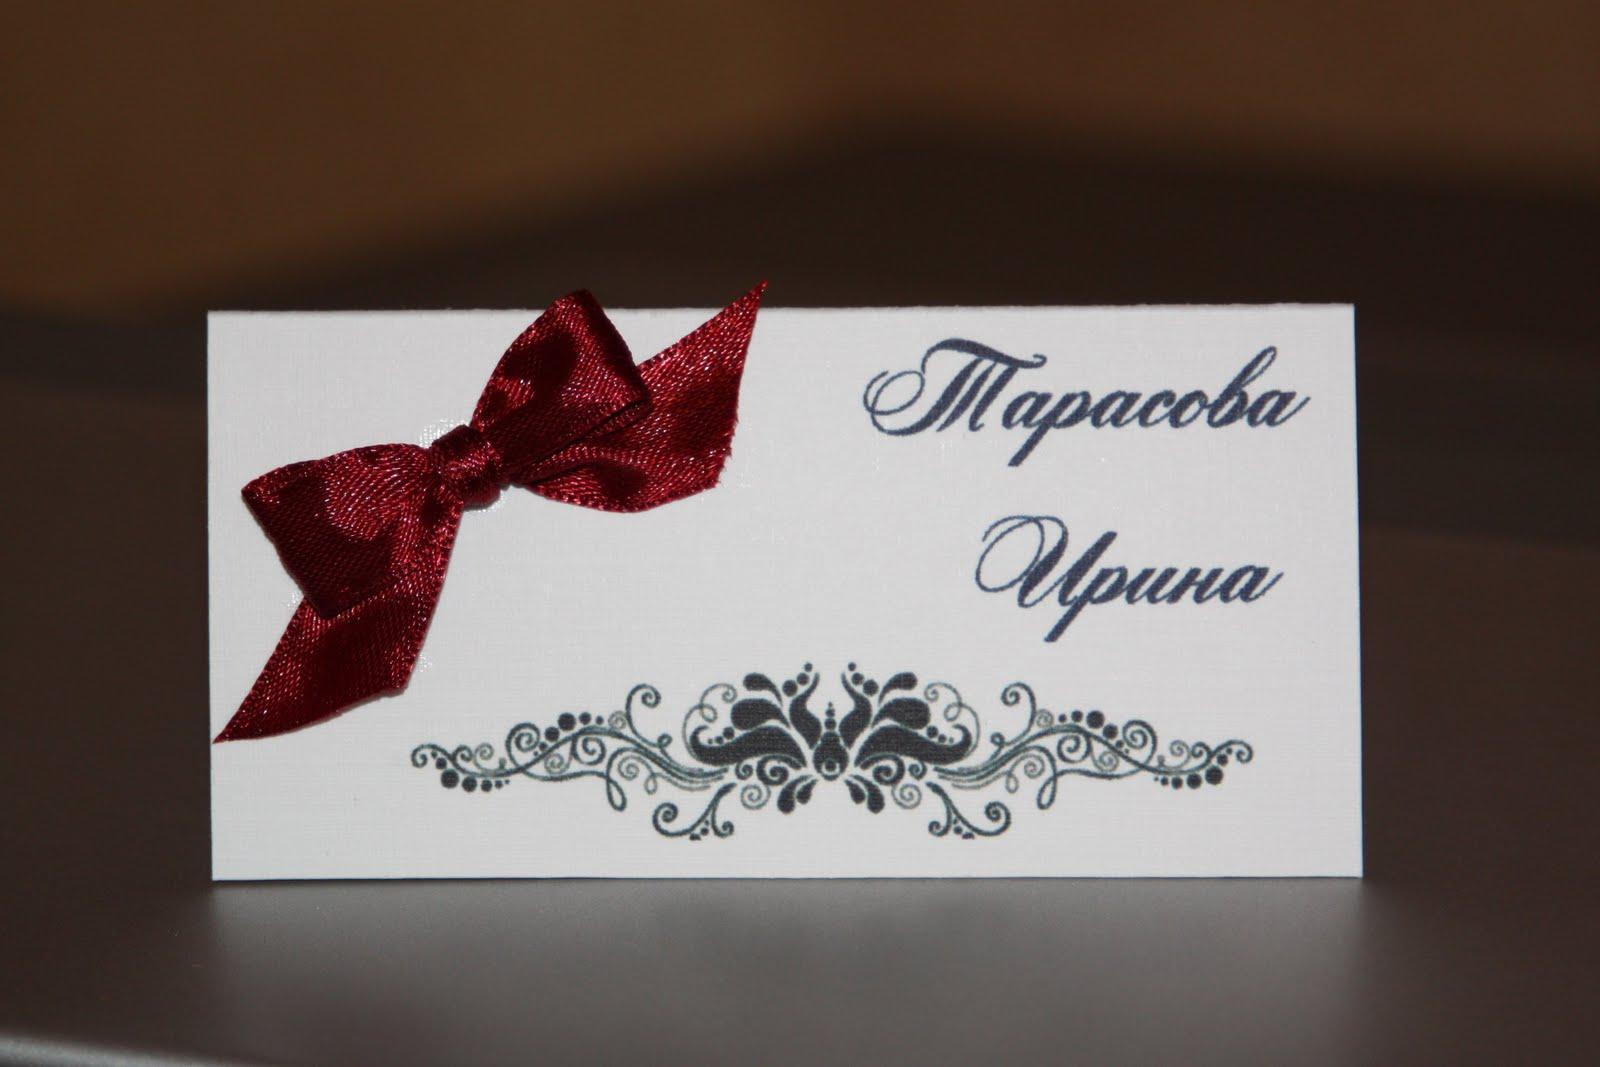 Делаем карточки для рассадки гостей на свадьбе 5